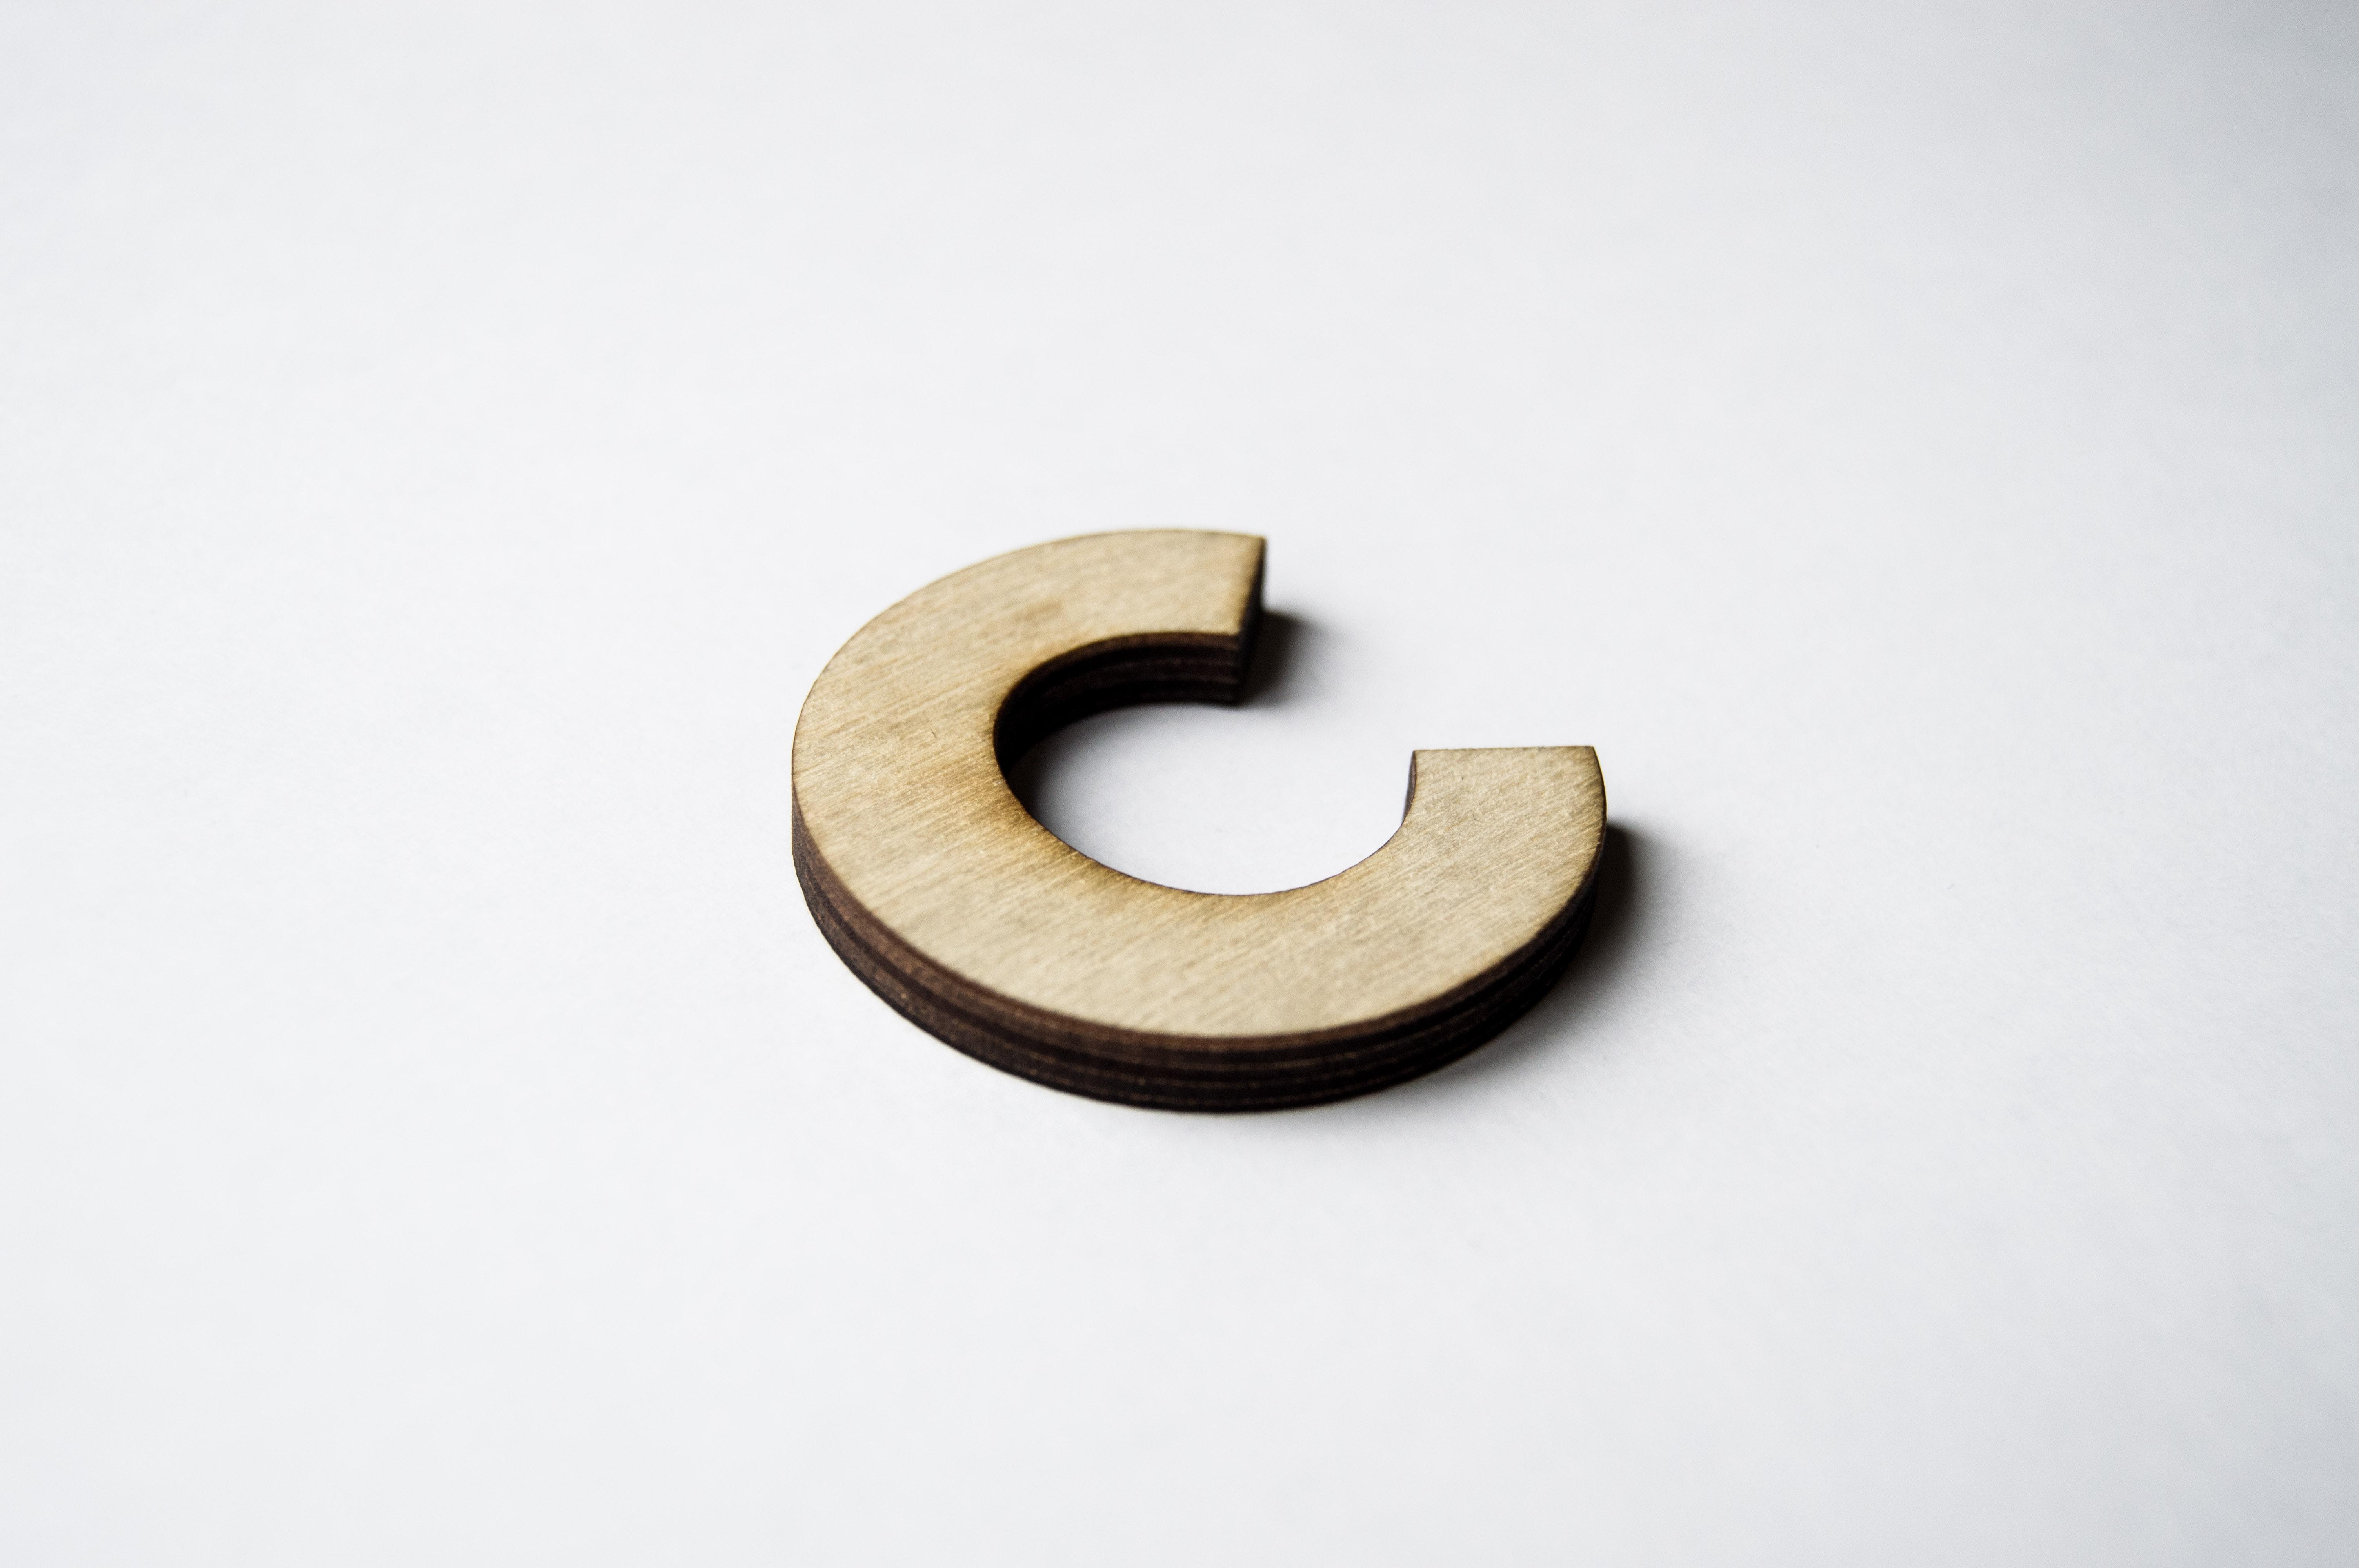 copyright jaar in de wordpress footer